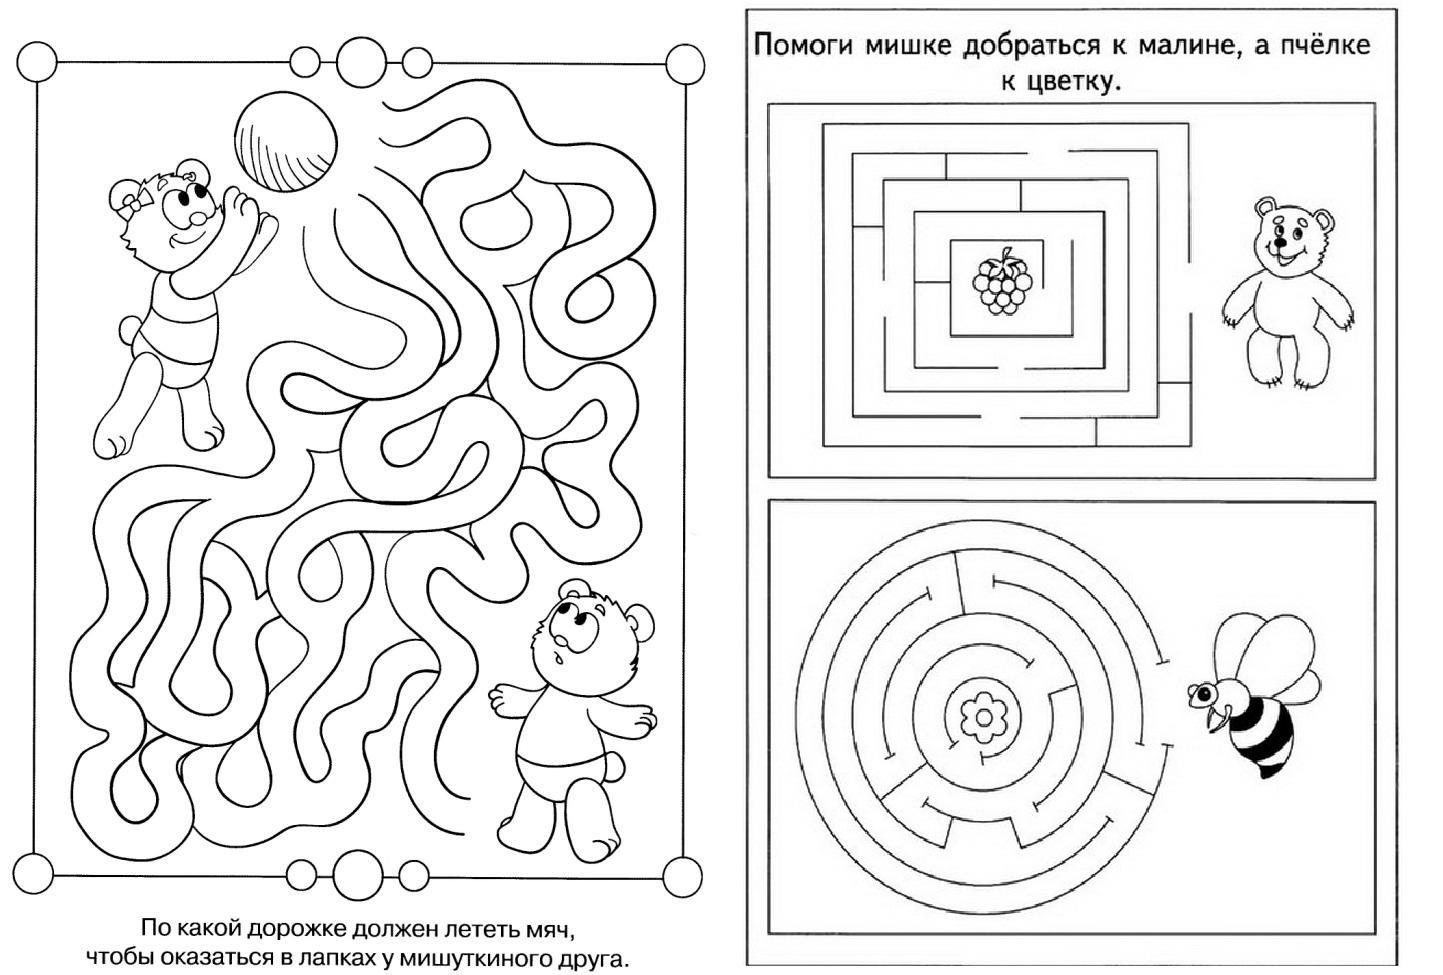 игра для развития восприятия